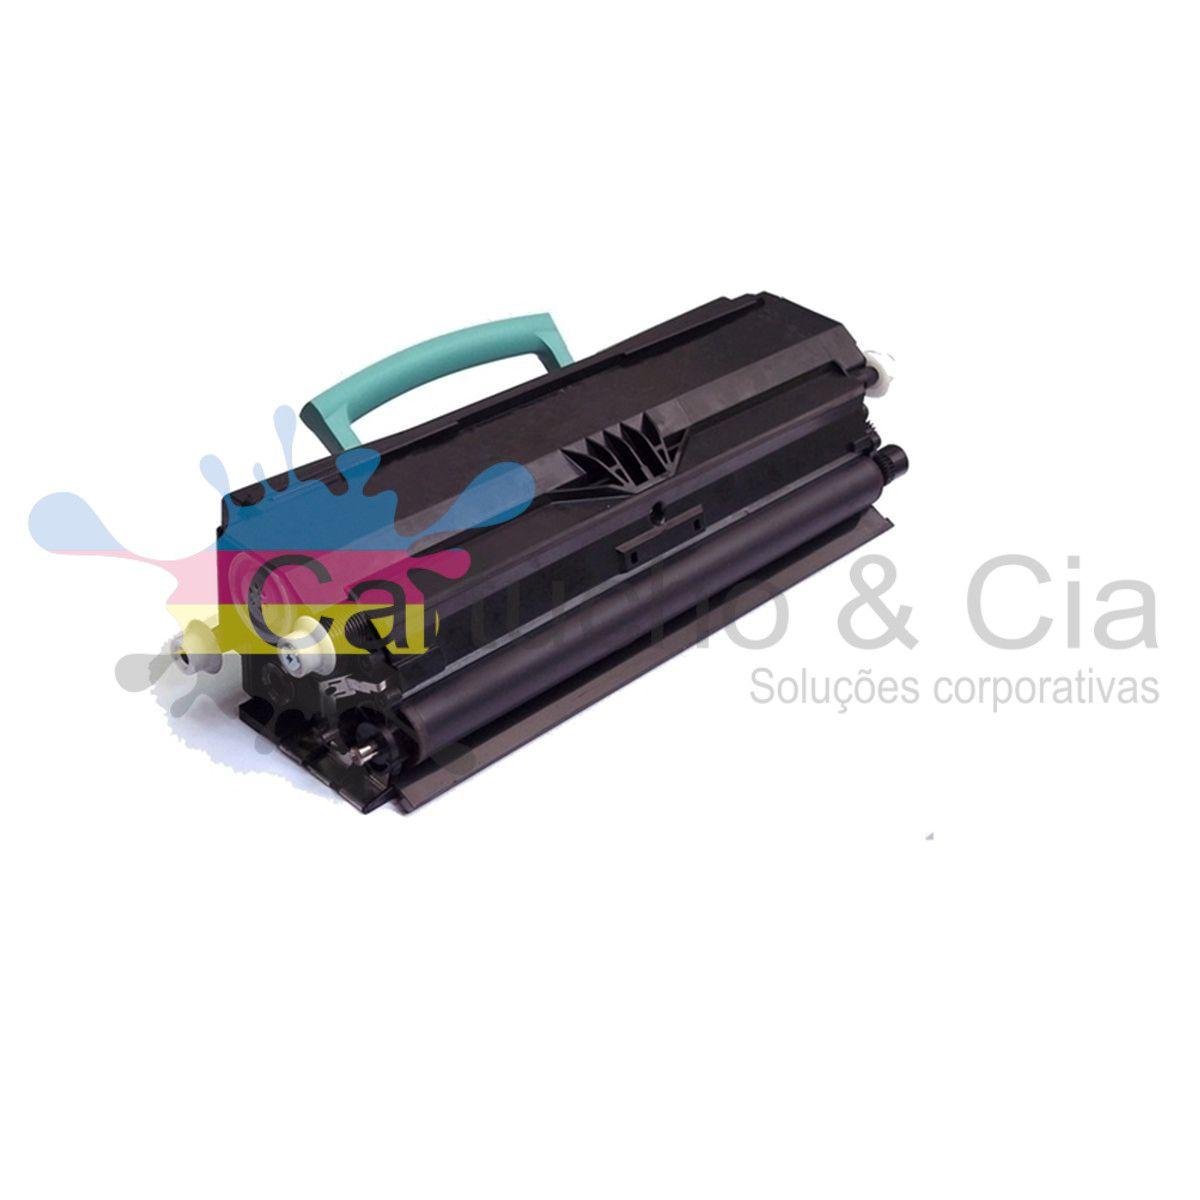 Toner compatível com LEXMARK E250 E350 E352 E352DN E250DN E250D E350D E250A11L 3.500 Páginas - Cartucho & Cia.